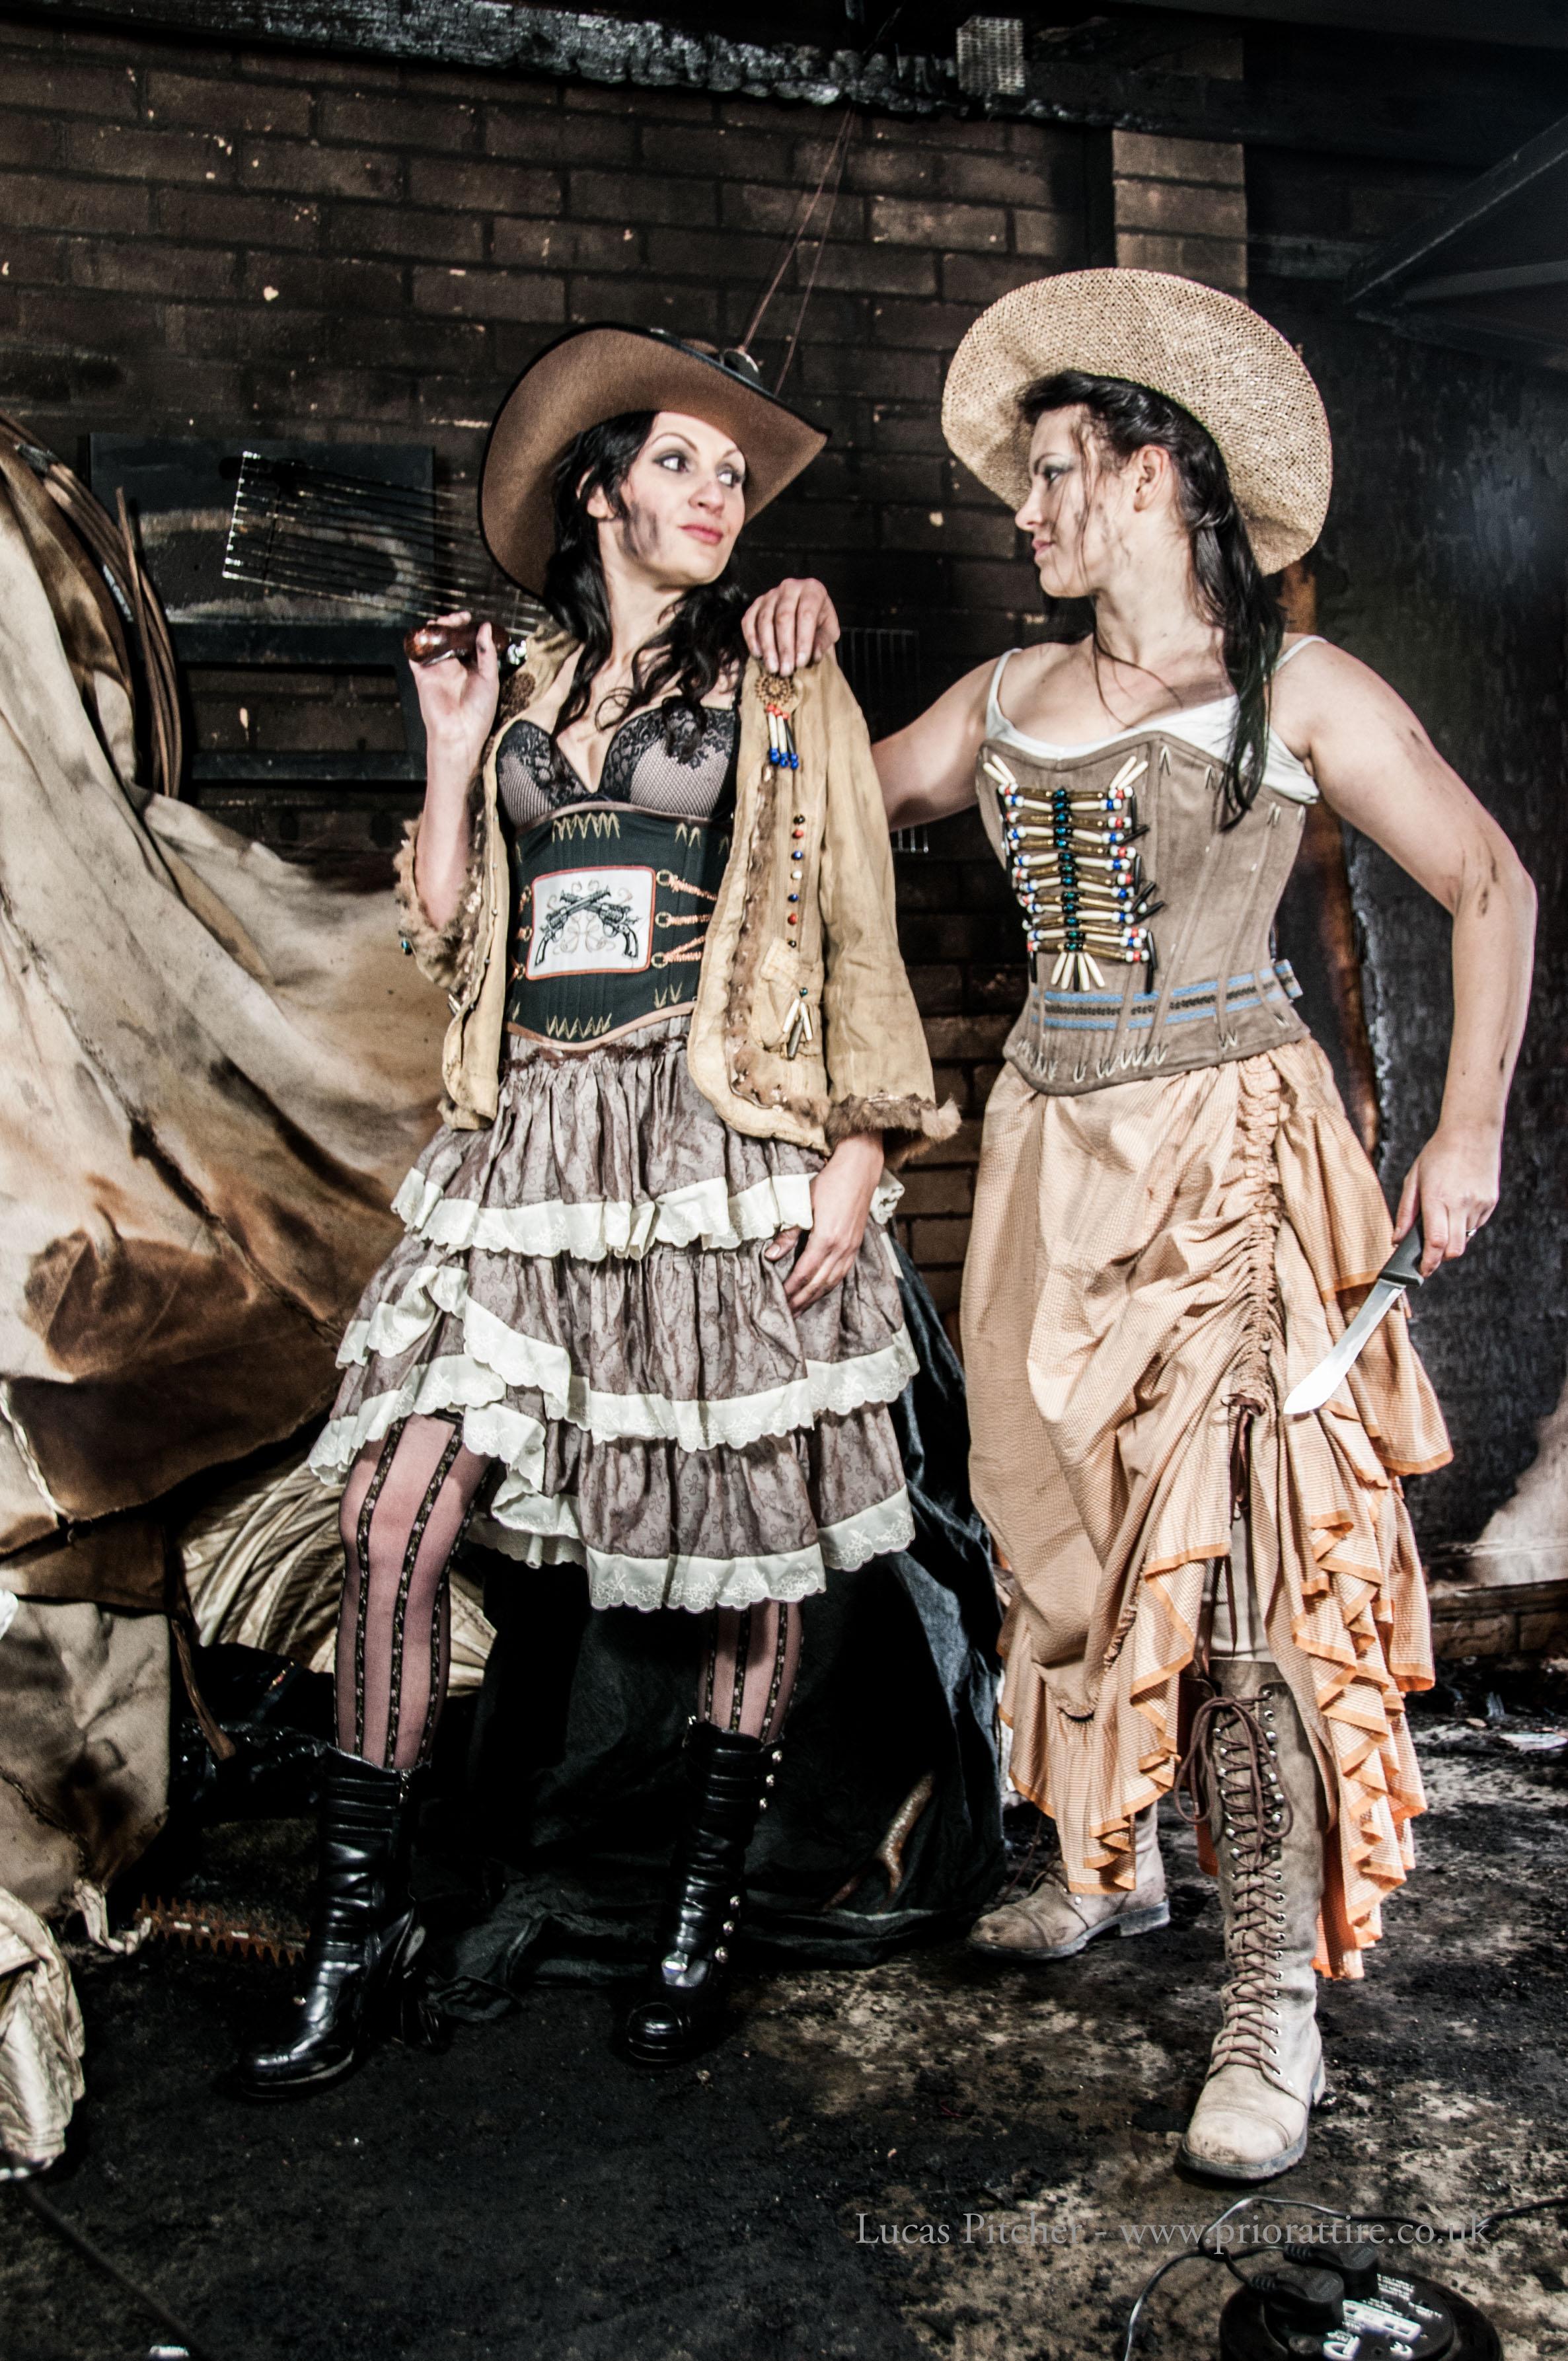 Steampunk Fashion: A Damsel In This Dress